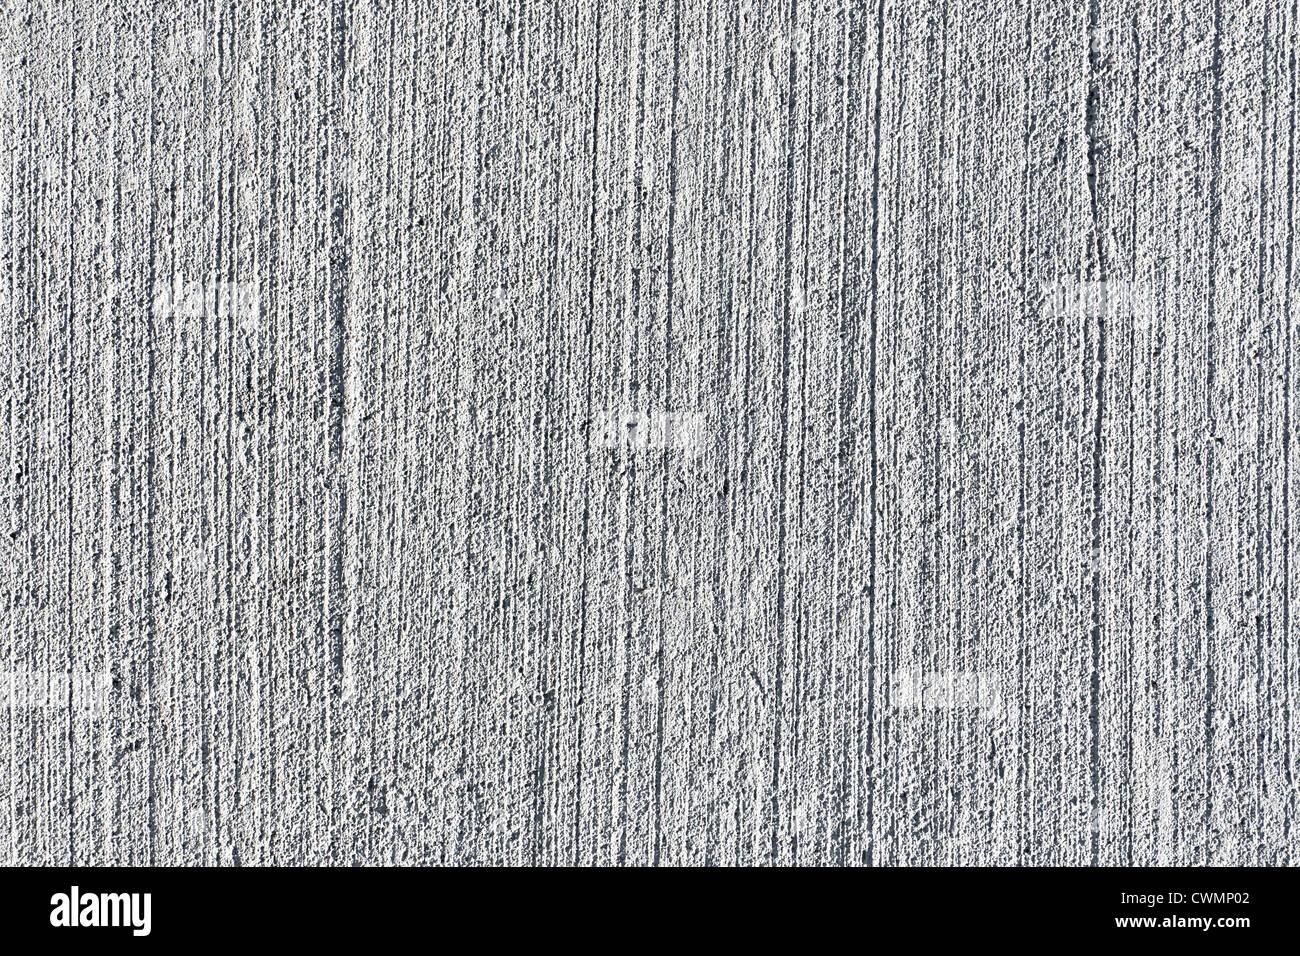 Arrière-plan de béton avec finition brossée texturé Photo Stock